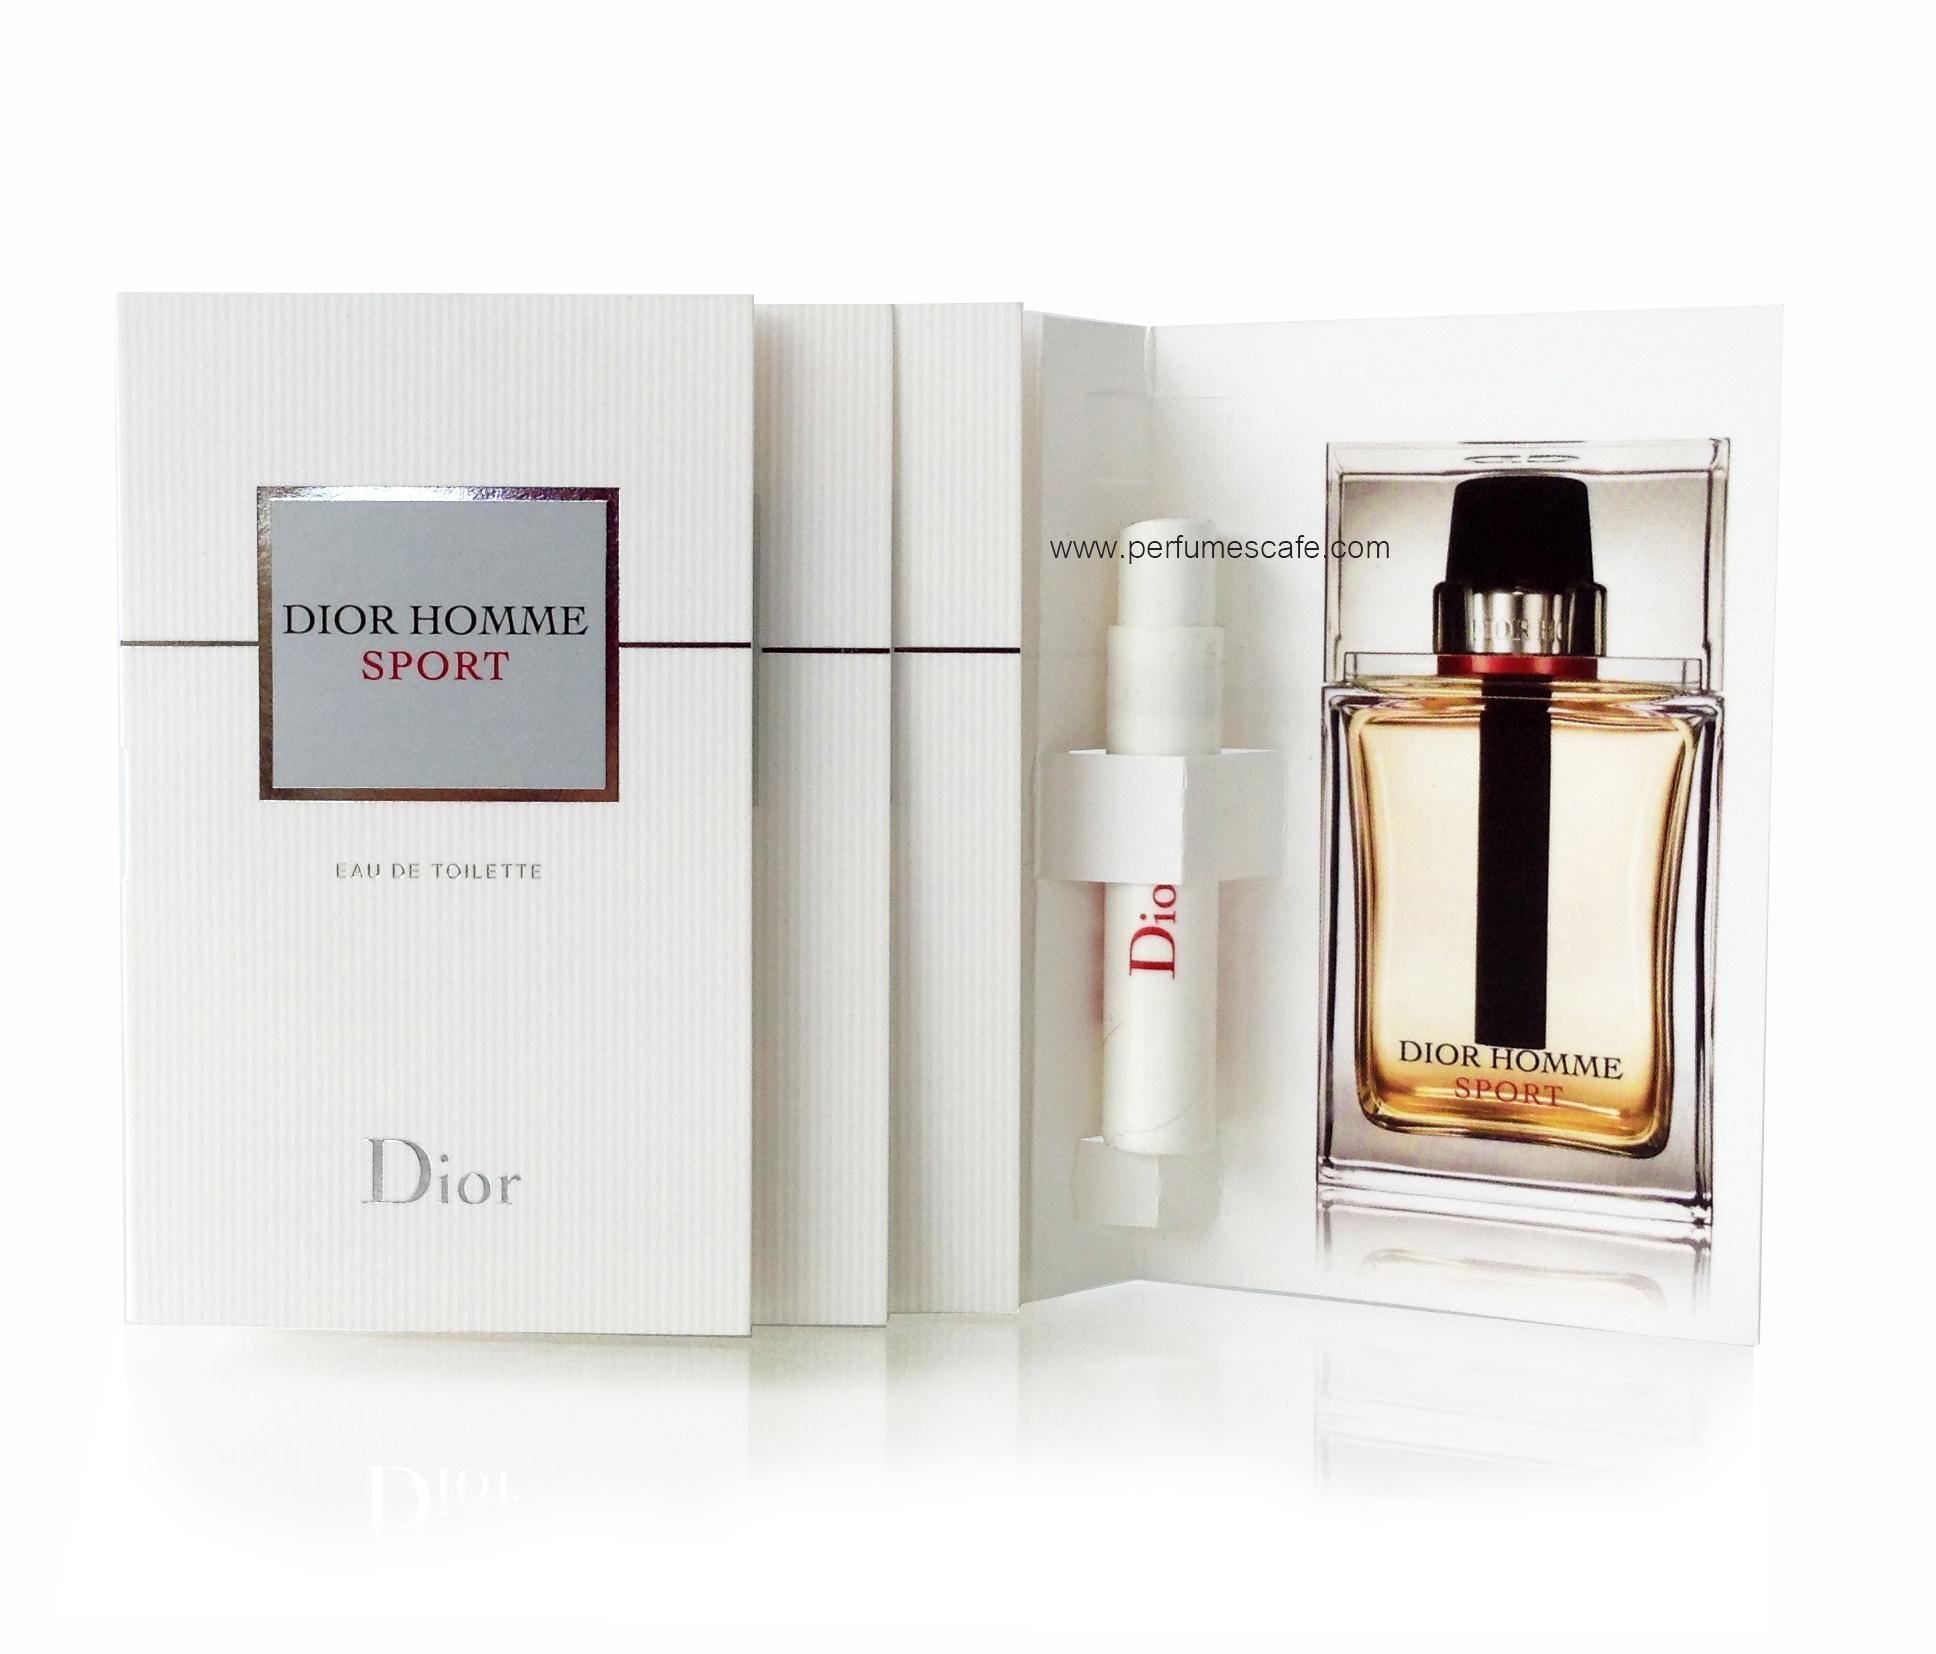 น้ำหอม Dior Homme Sport Eau de Toilette ขนาดทดลอง 1ml